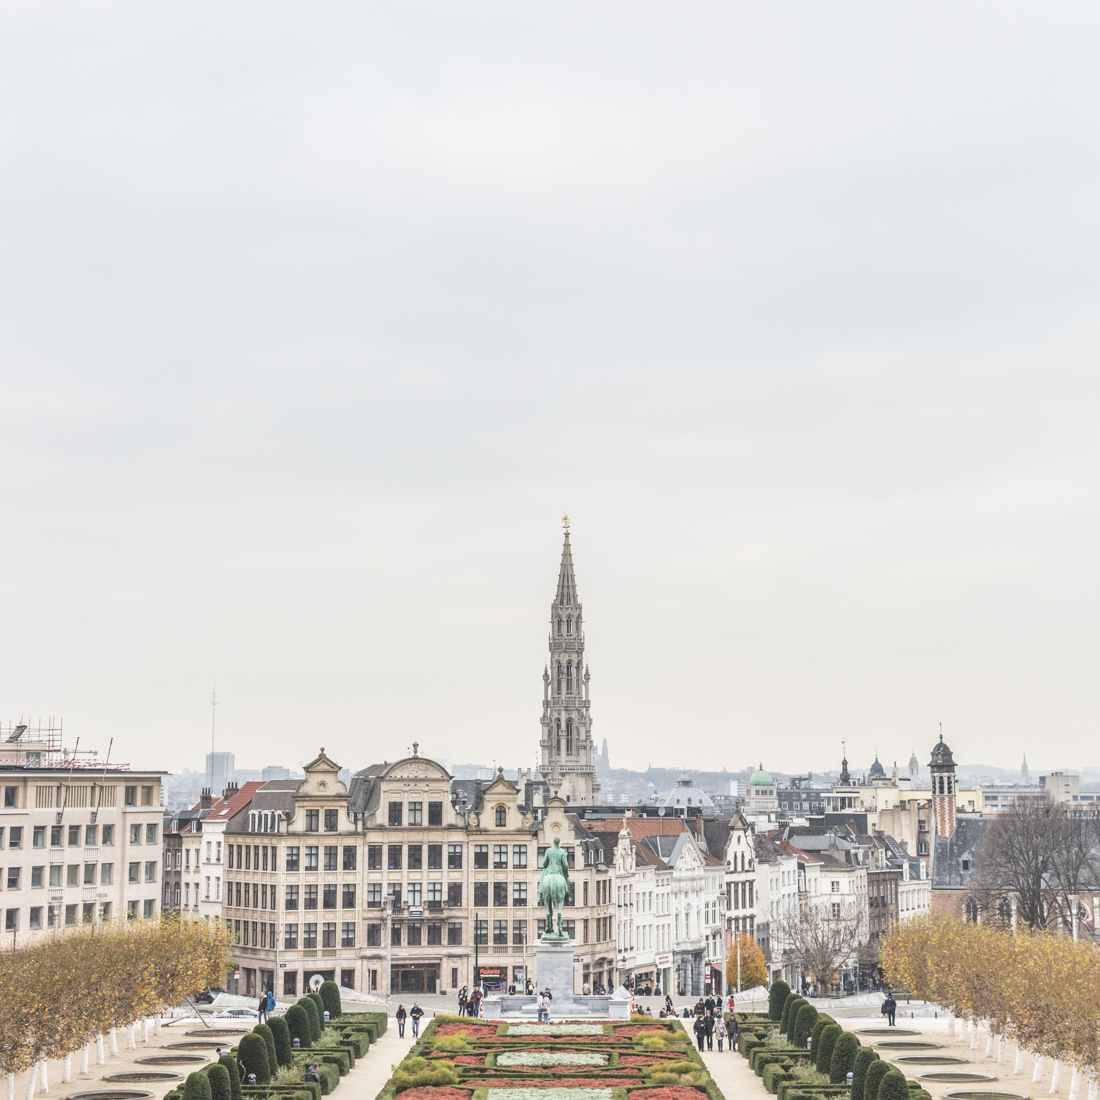 radisson red bxl bruxelles visitbrussels copyright paulinefashionblog com 4 Un week end à Bruxelles